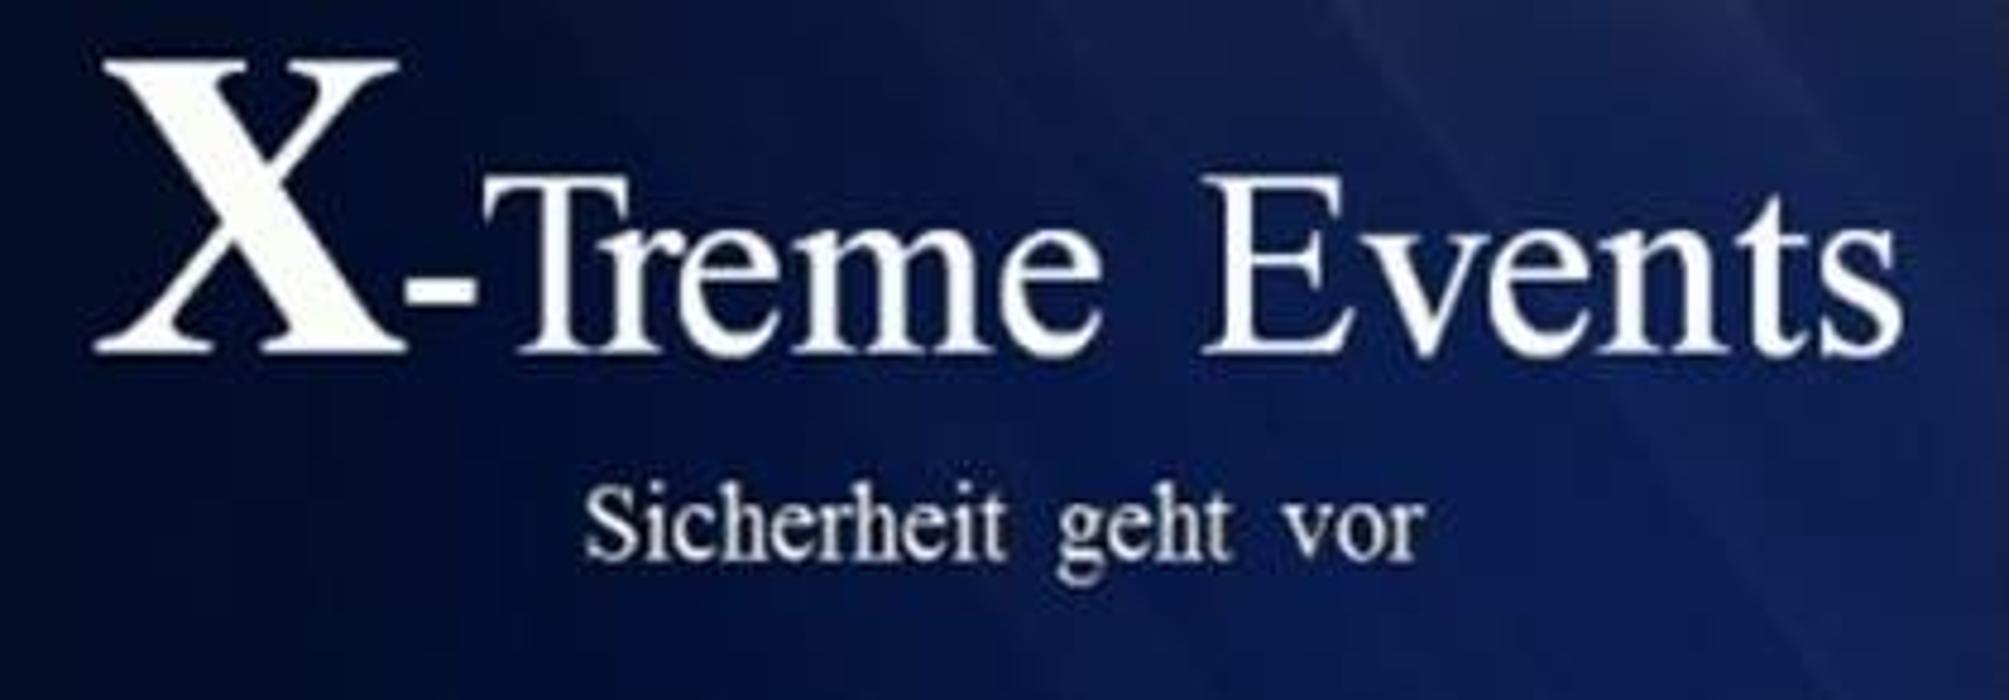 Bild zu X-Treme Events in Neu-Ulm